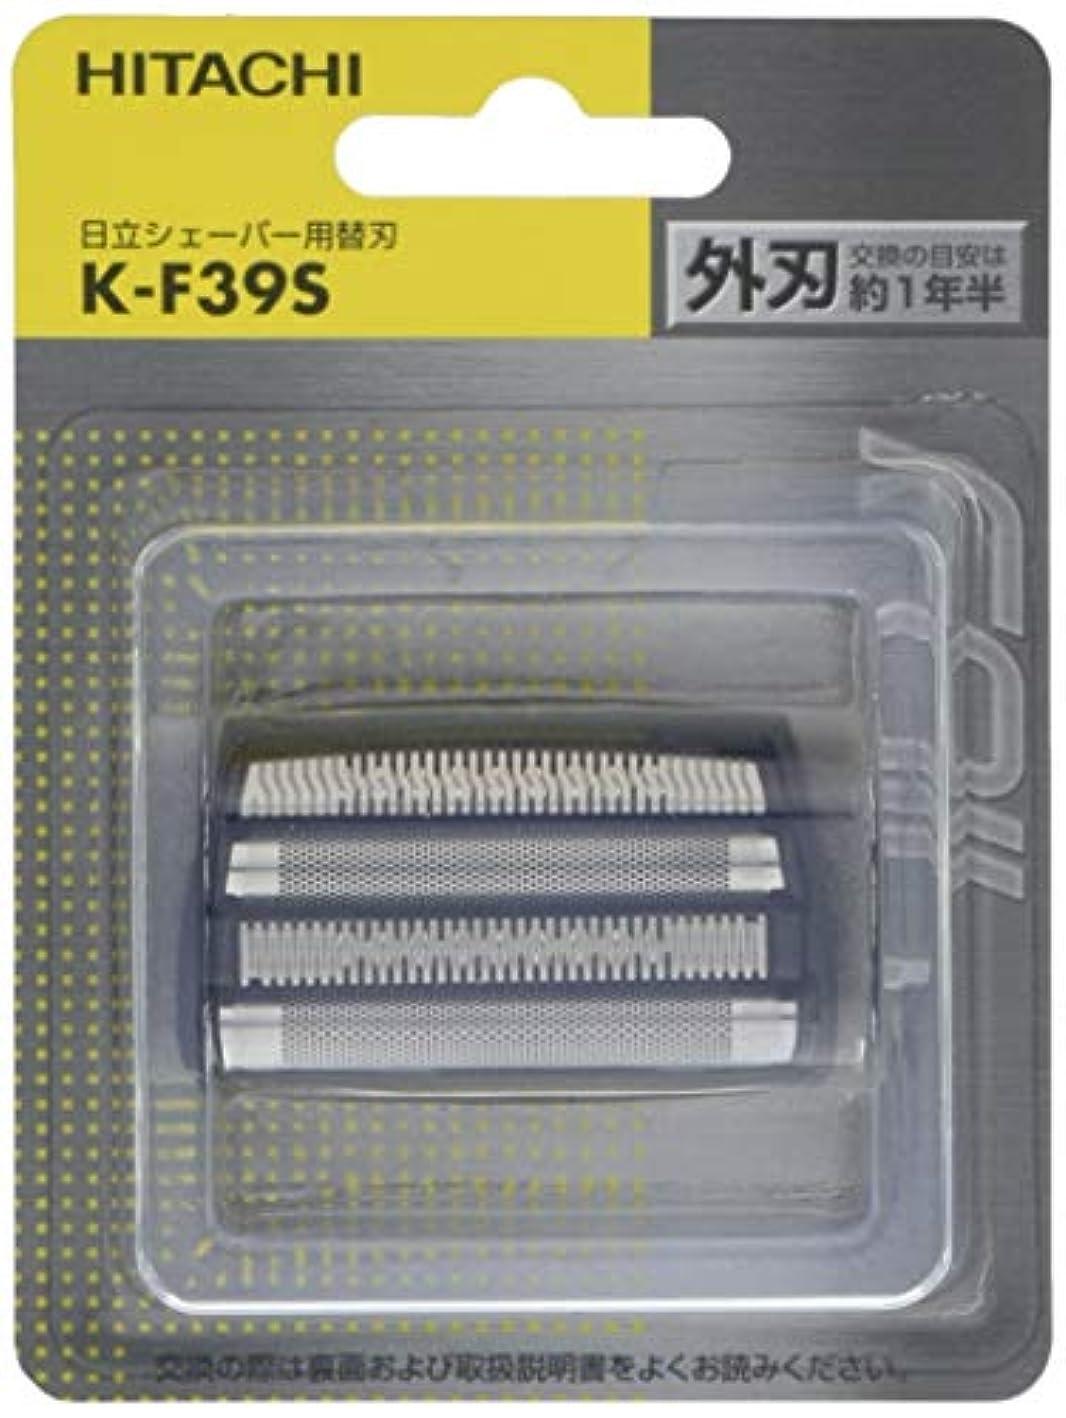 勤勉リファイン戦う日立 メンズシェーバー用替刃(外刃) K-F39S